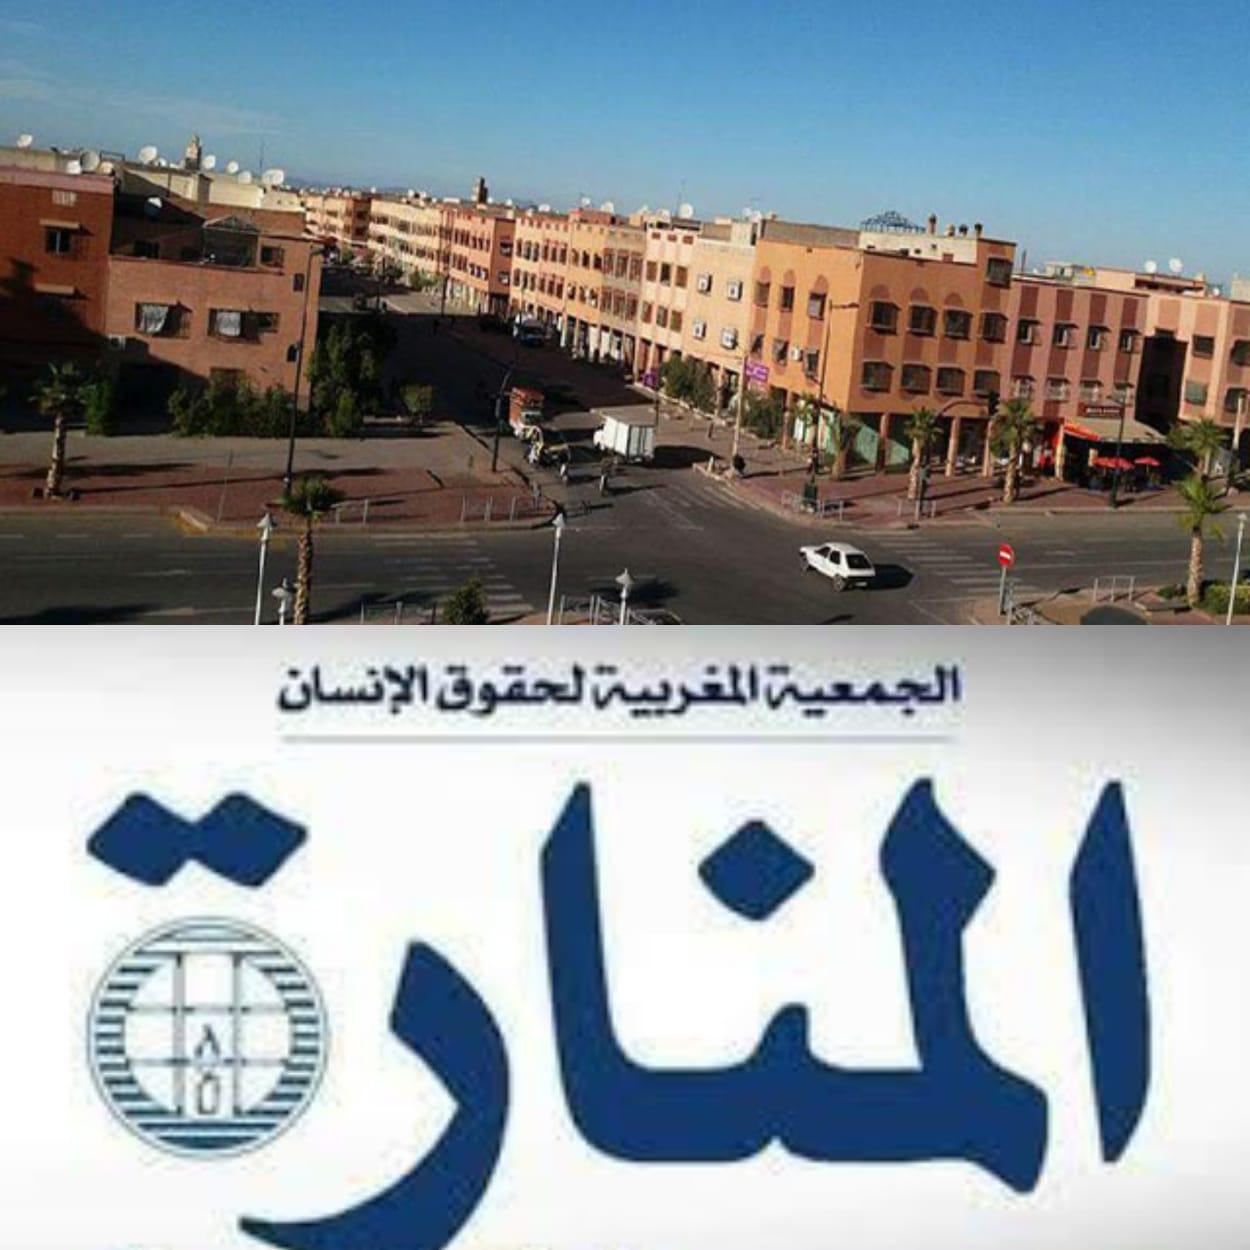 هيئات حقوقية تطالب بوضع حد لتجارة المخدرات وتفشي الجريمة بدوار سيدي امبارك بمراكش